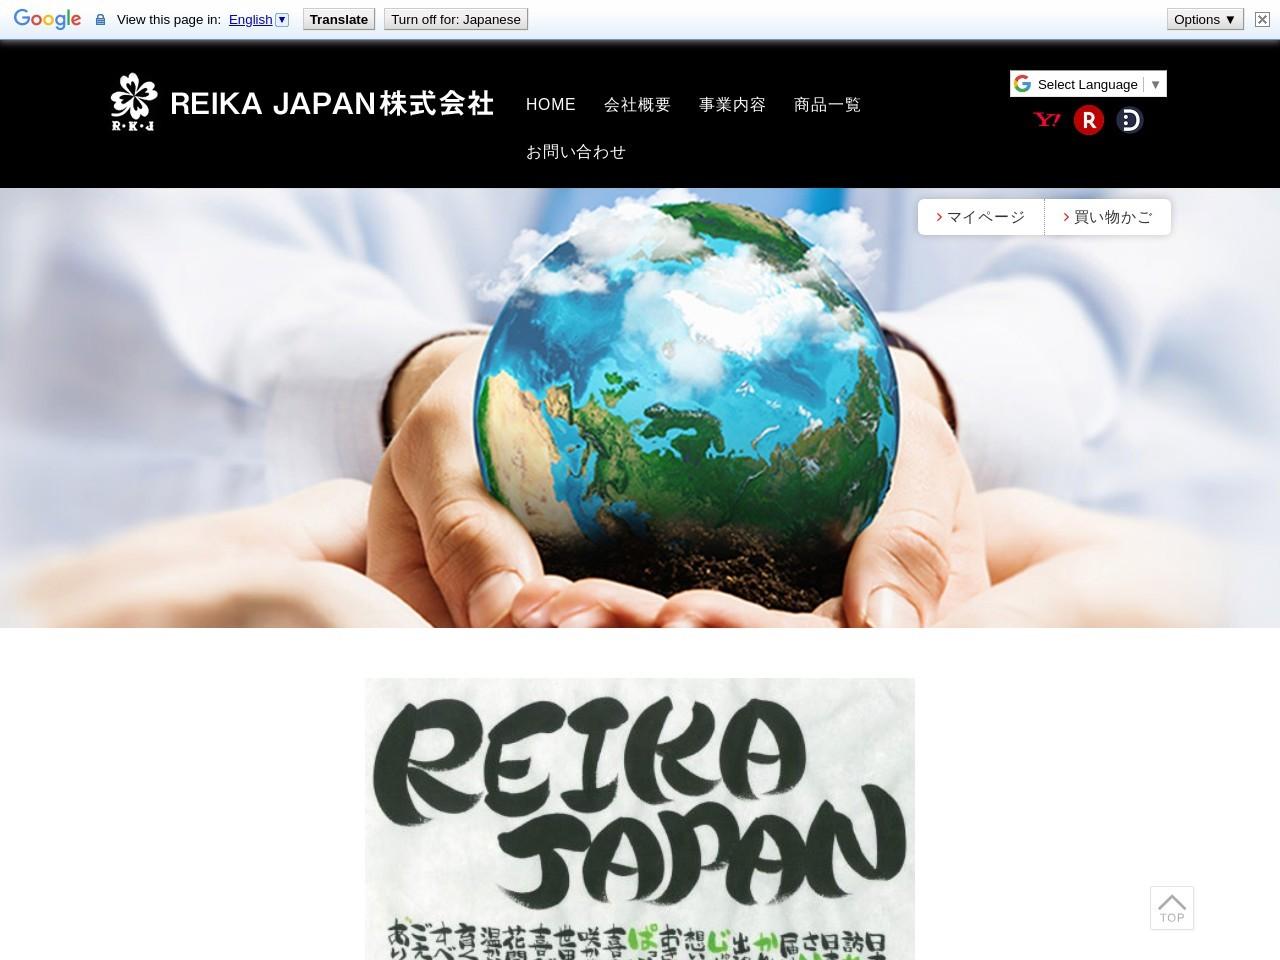 REIKA JAPAN株式会社│食品や化粧品、健康食品・健康機器の卸販売及びOEM対応